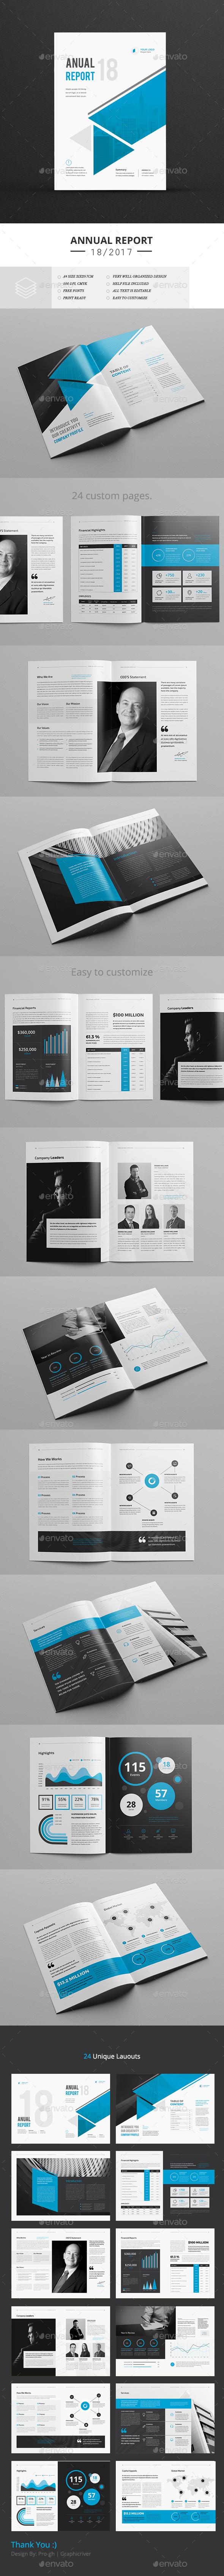 GraphicRiver Annual Report 20339770